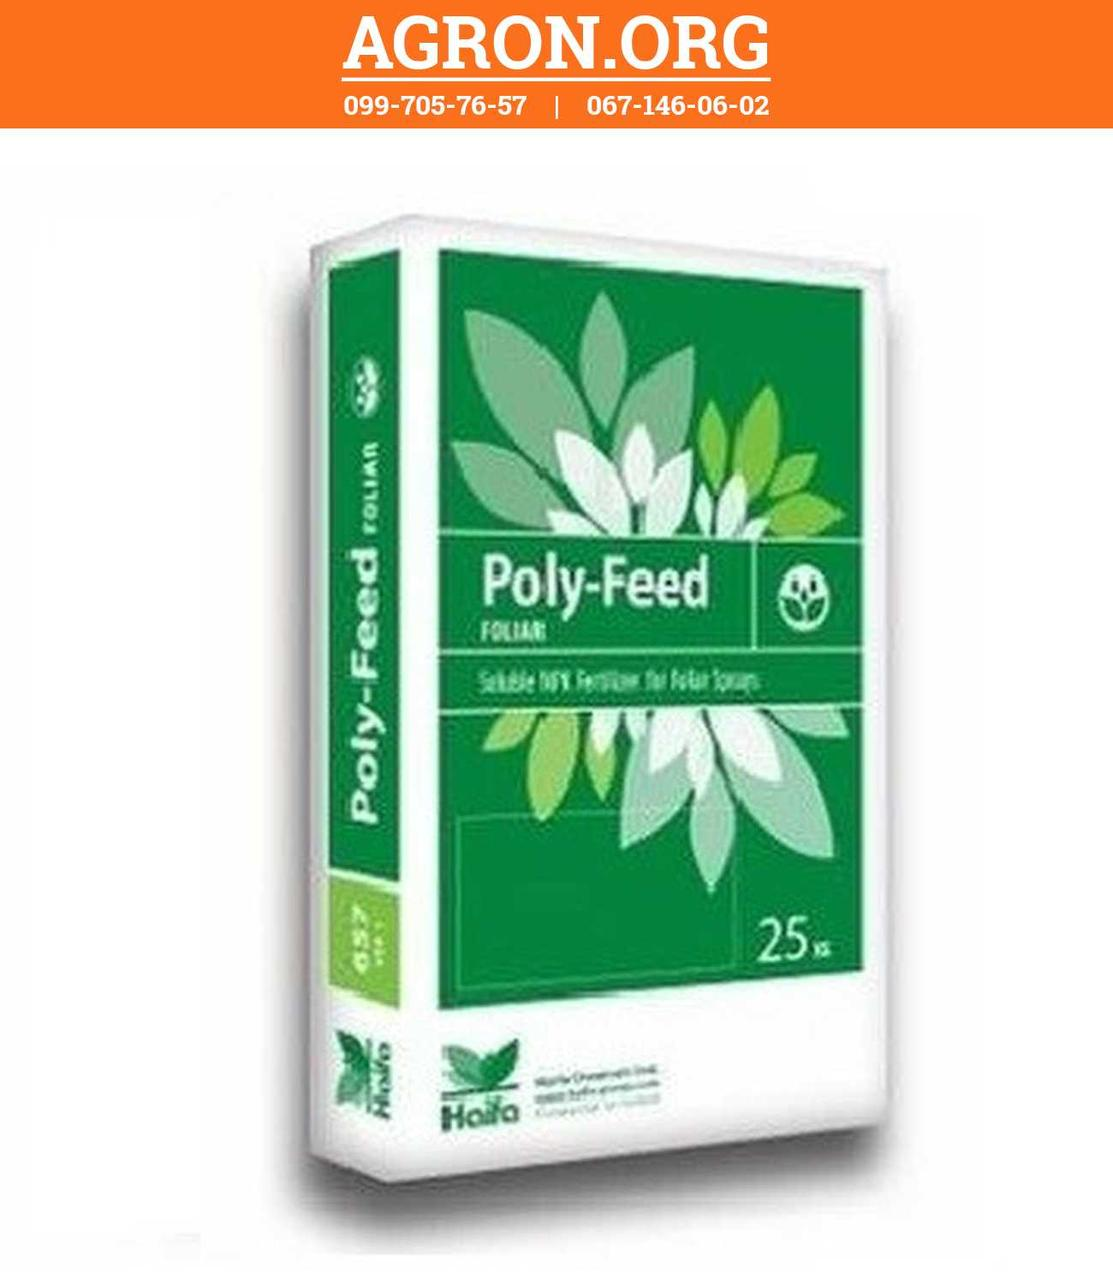 Полі-Фід (Poly-Feed) 15-7-30+2Mg+ME (Foliar) для цукрових буряків Haifa Chemicals 25 кг